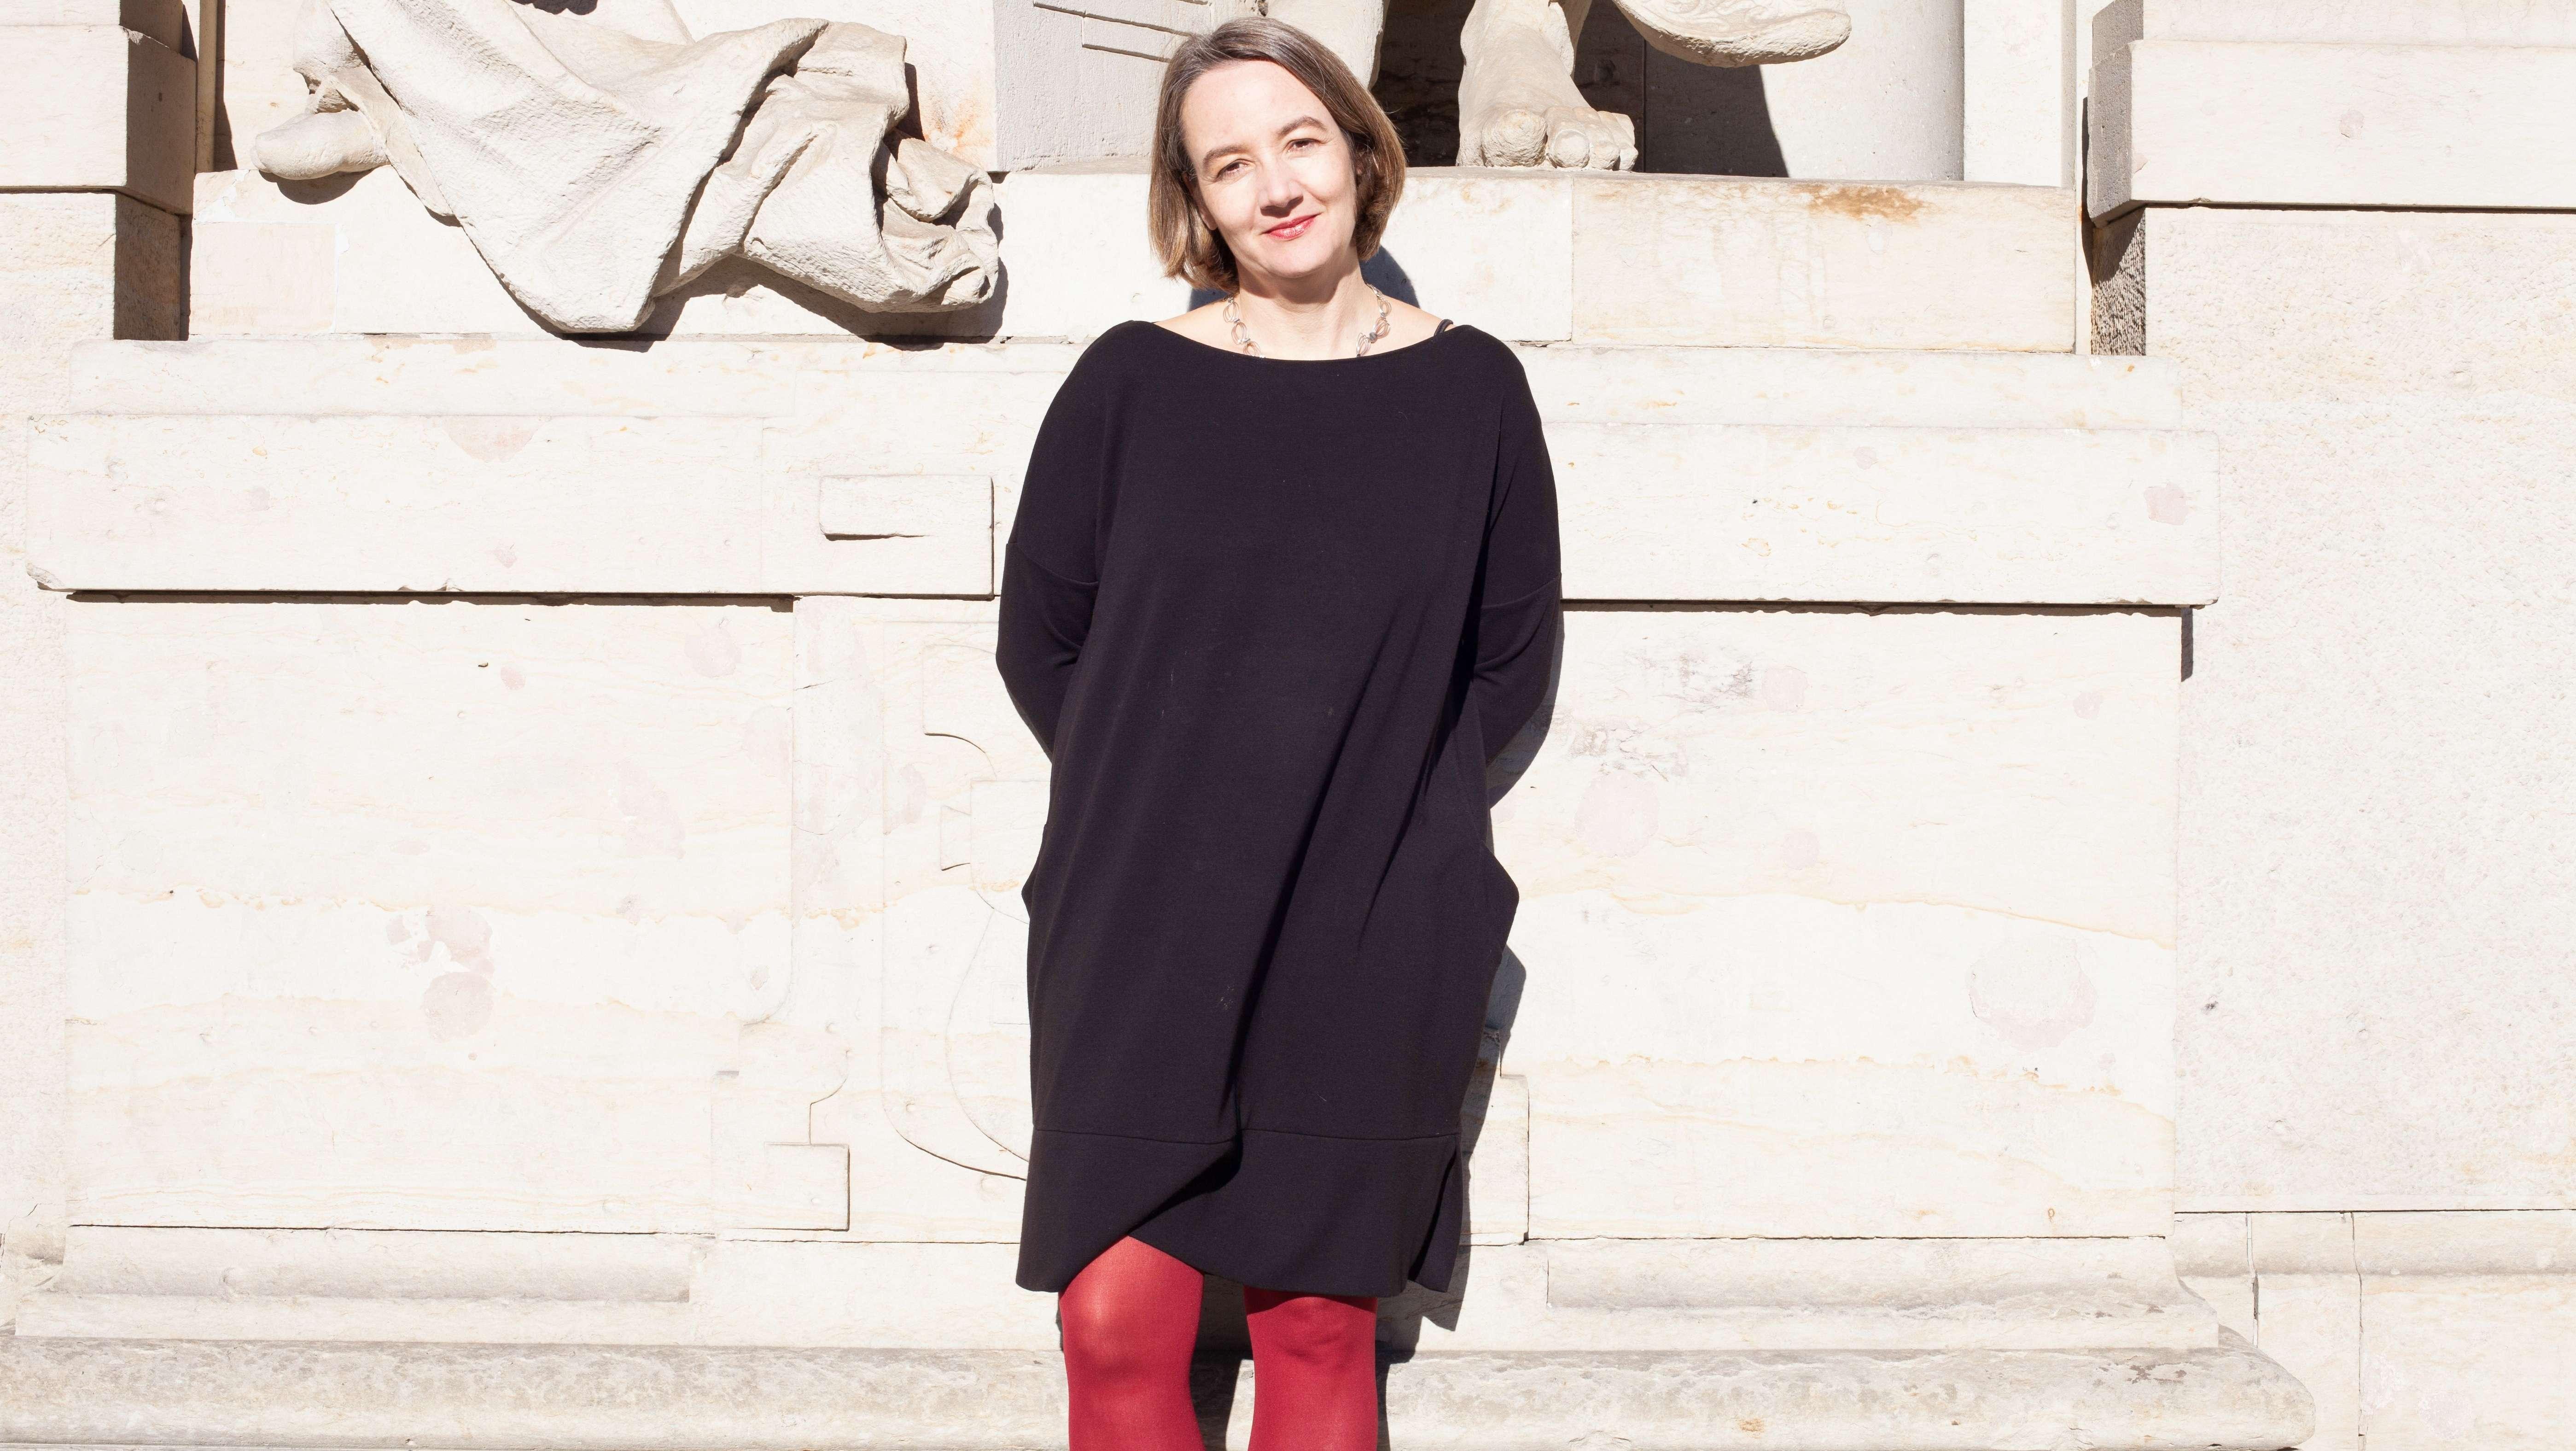 Elke Buhr, Chefredakteurin der Kunstzeitschrift Monopol